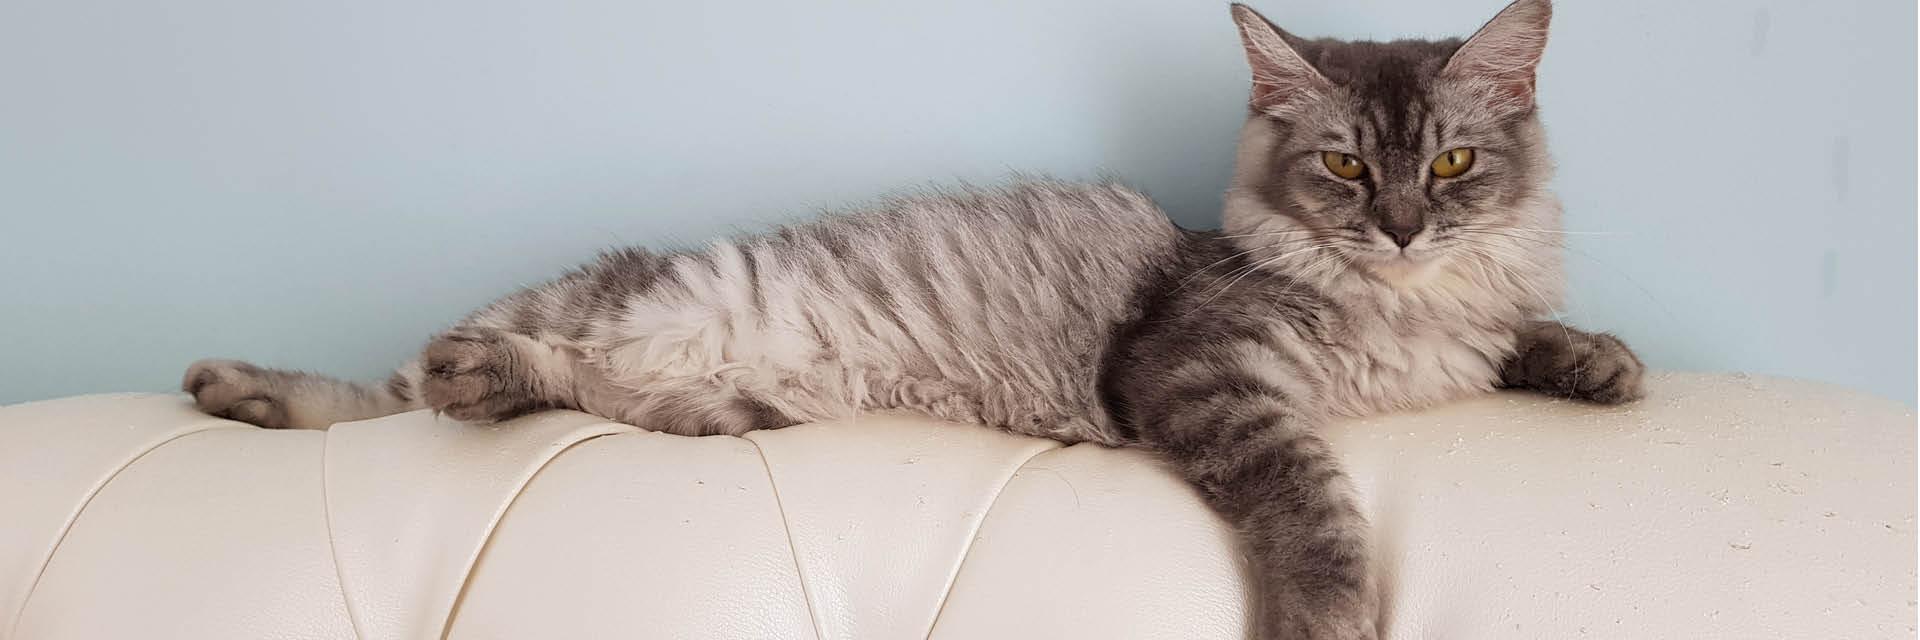 ledersofa, Katze